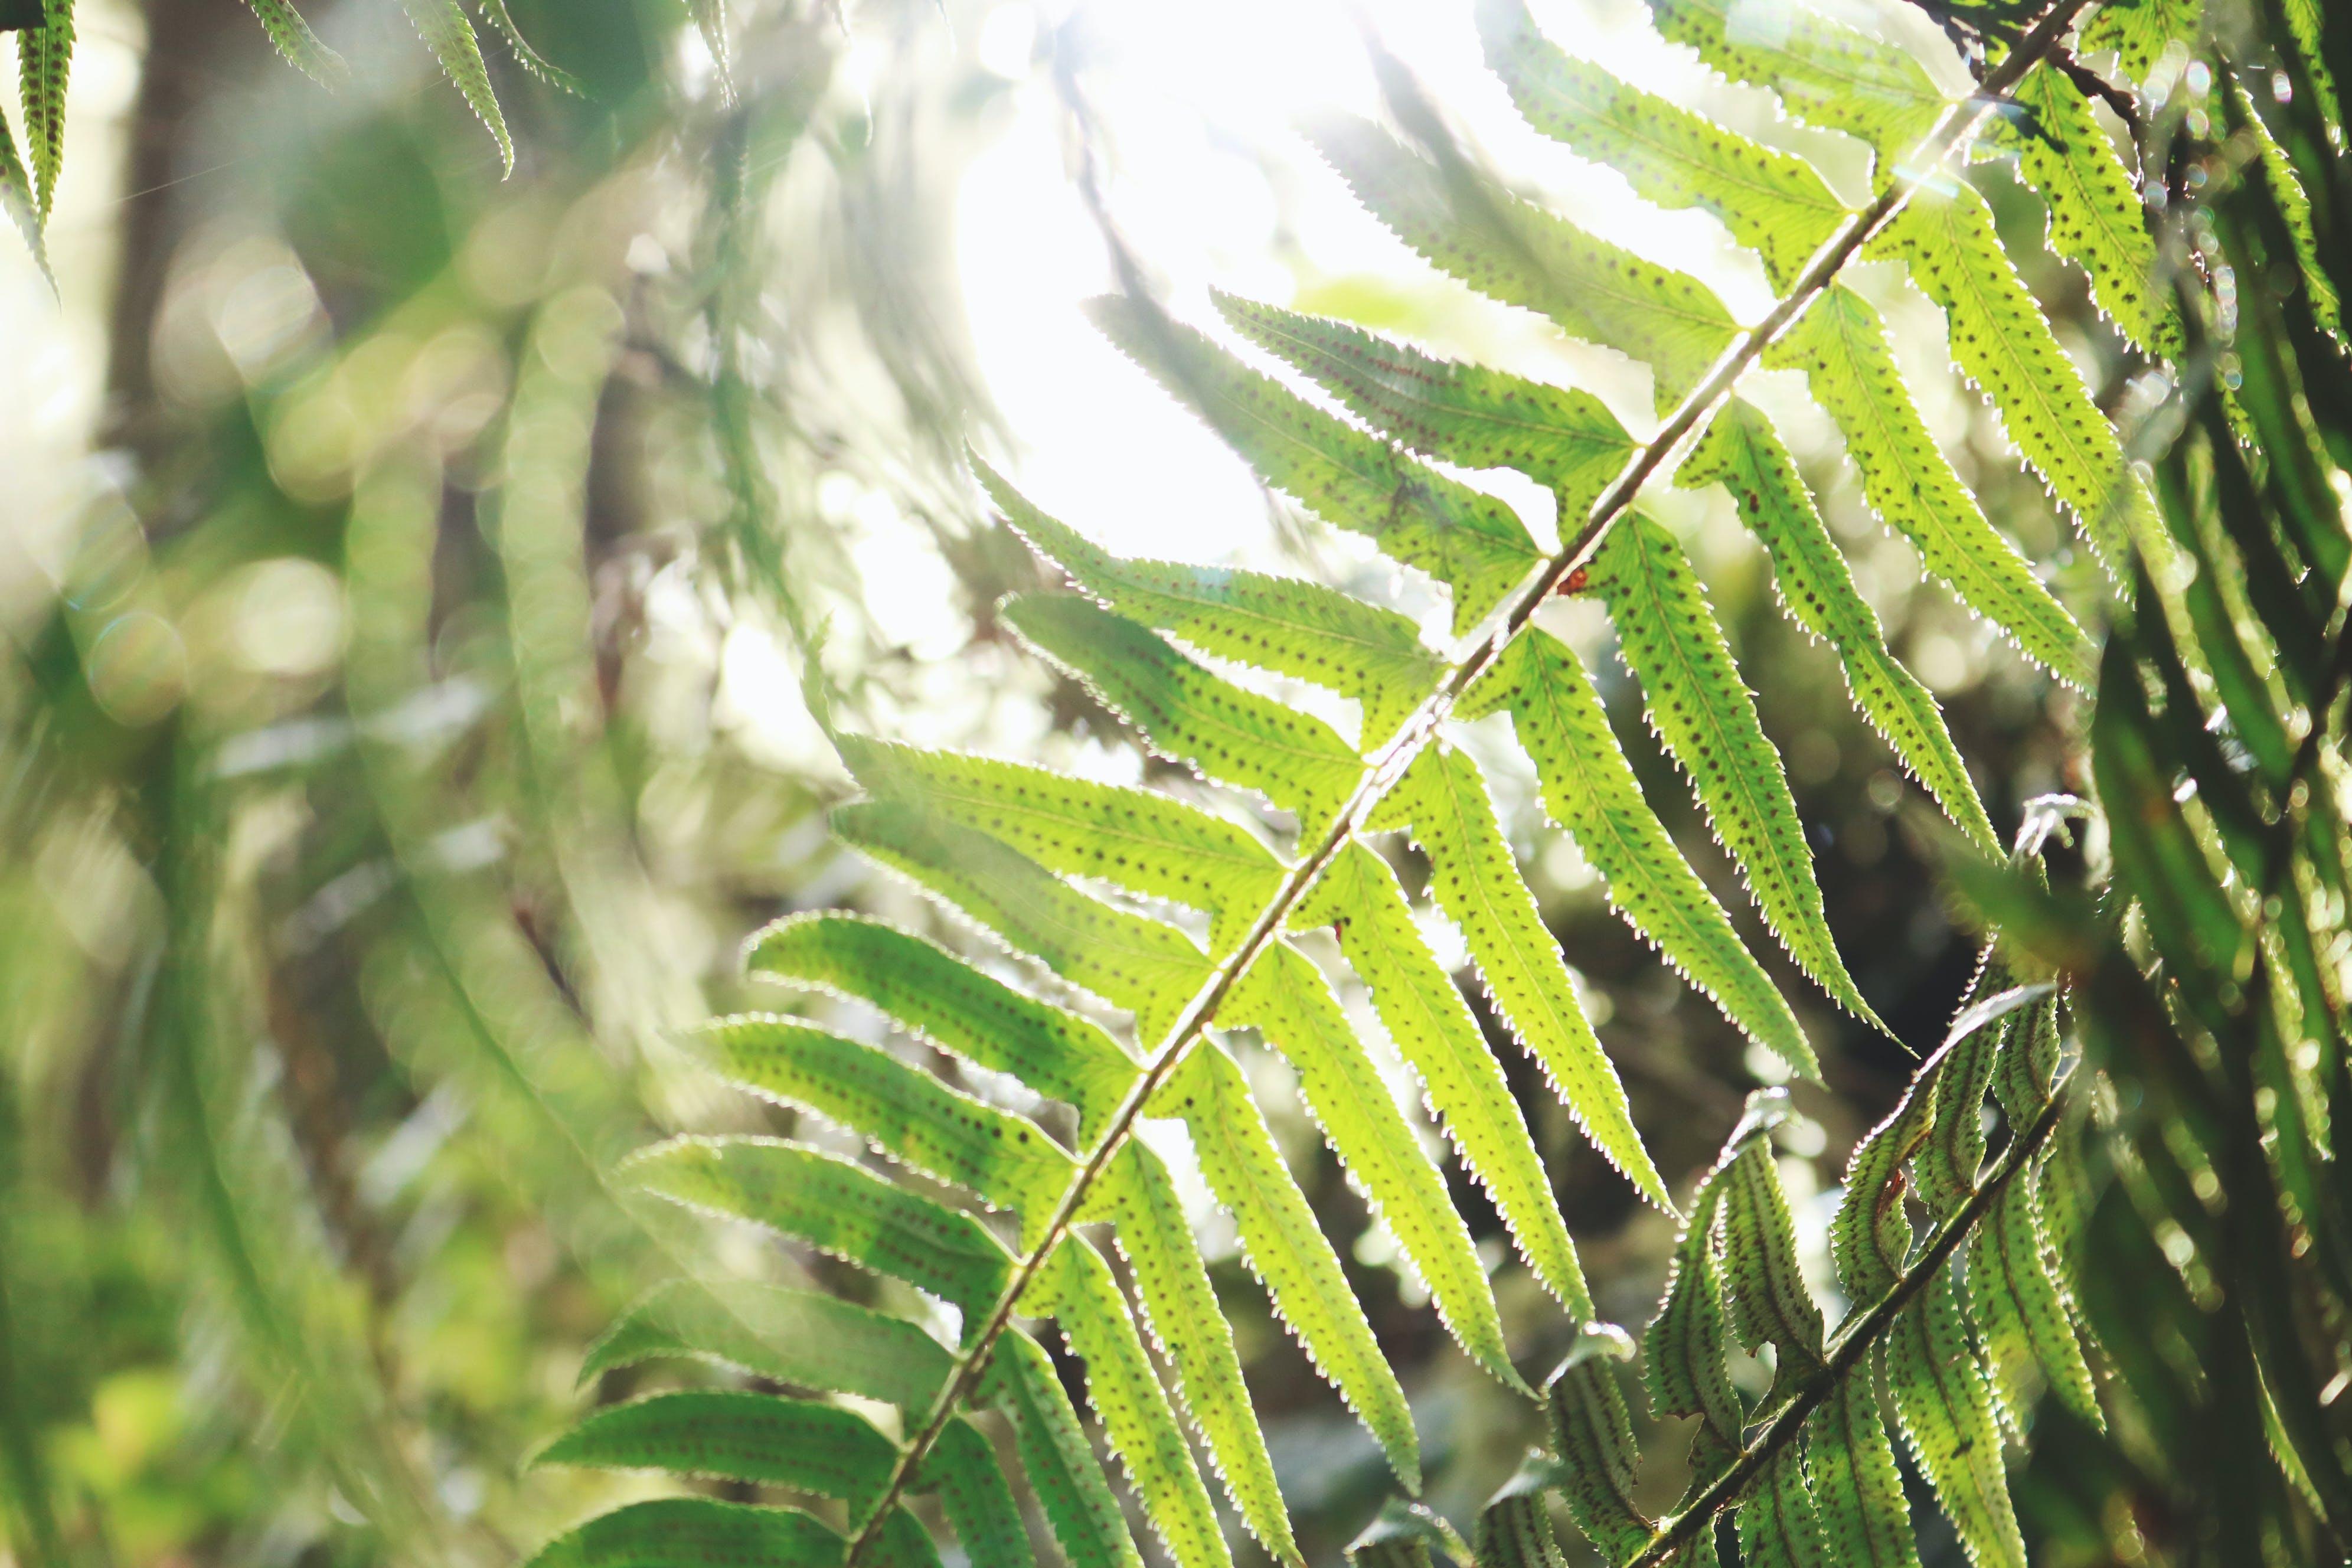 bitki, doğa, eğrelti otu, eğreltiotu içeren Ücretsiz stok fotoğraf